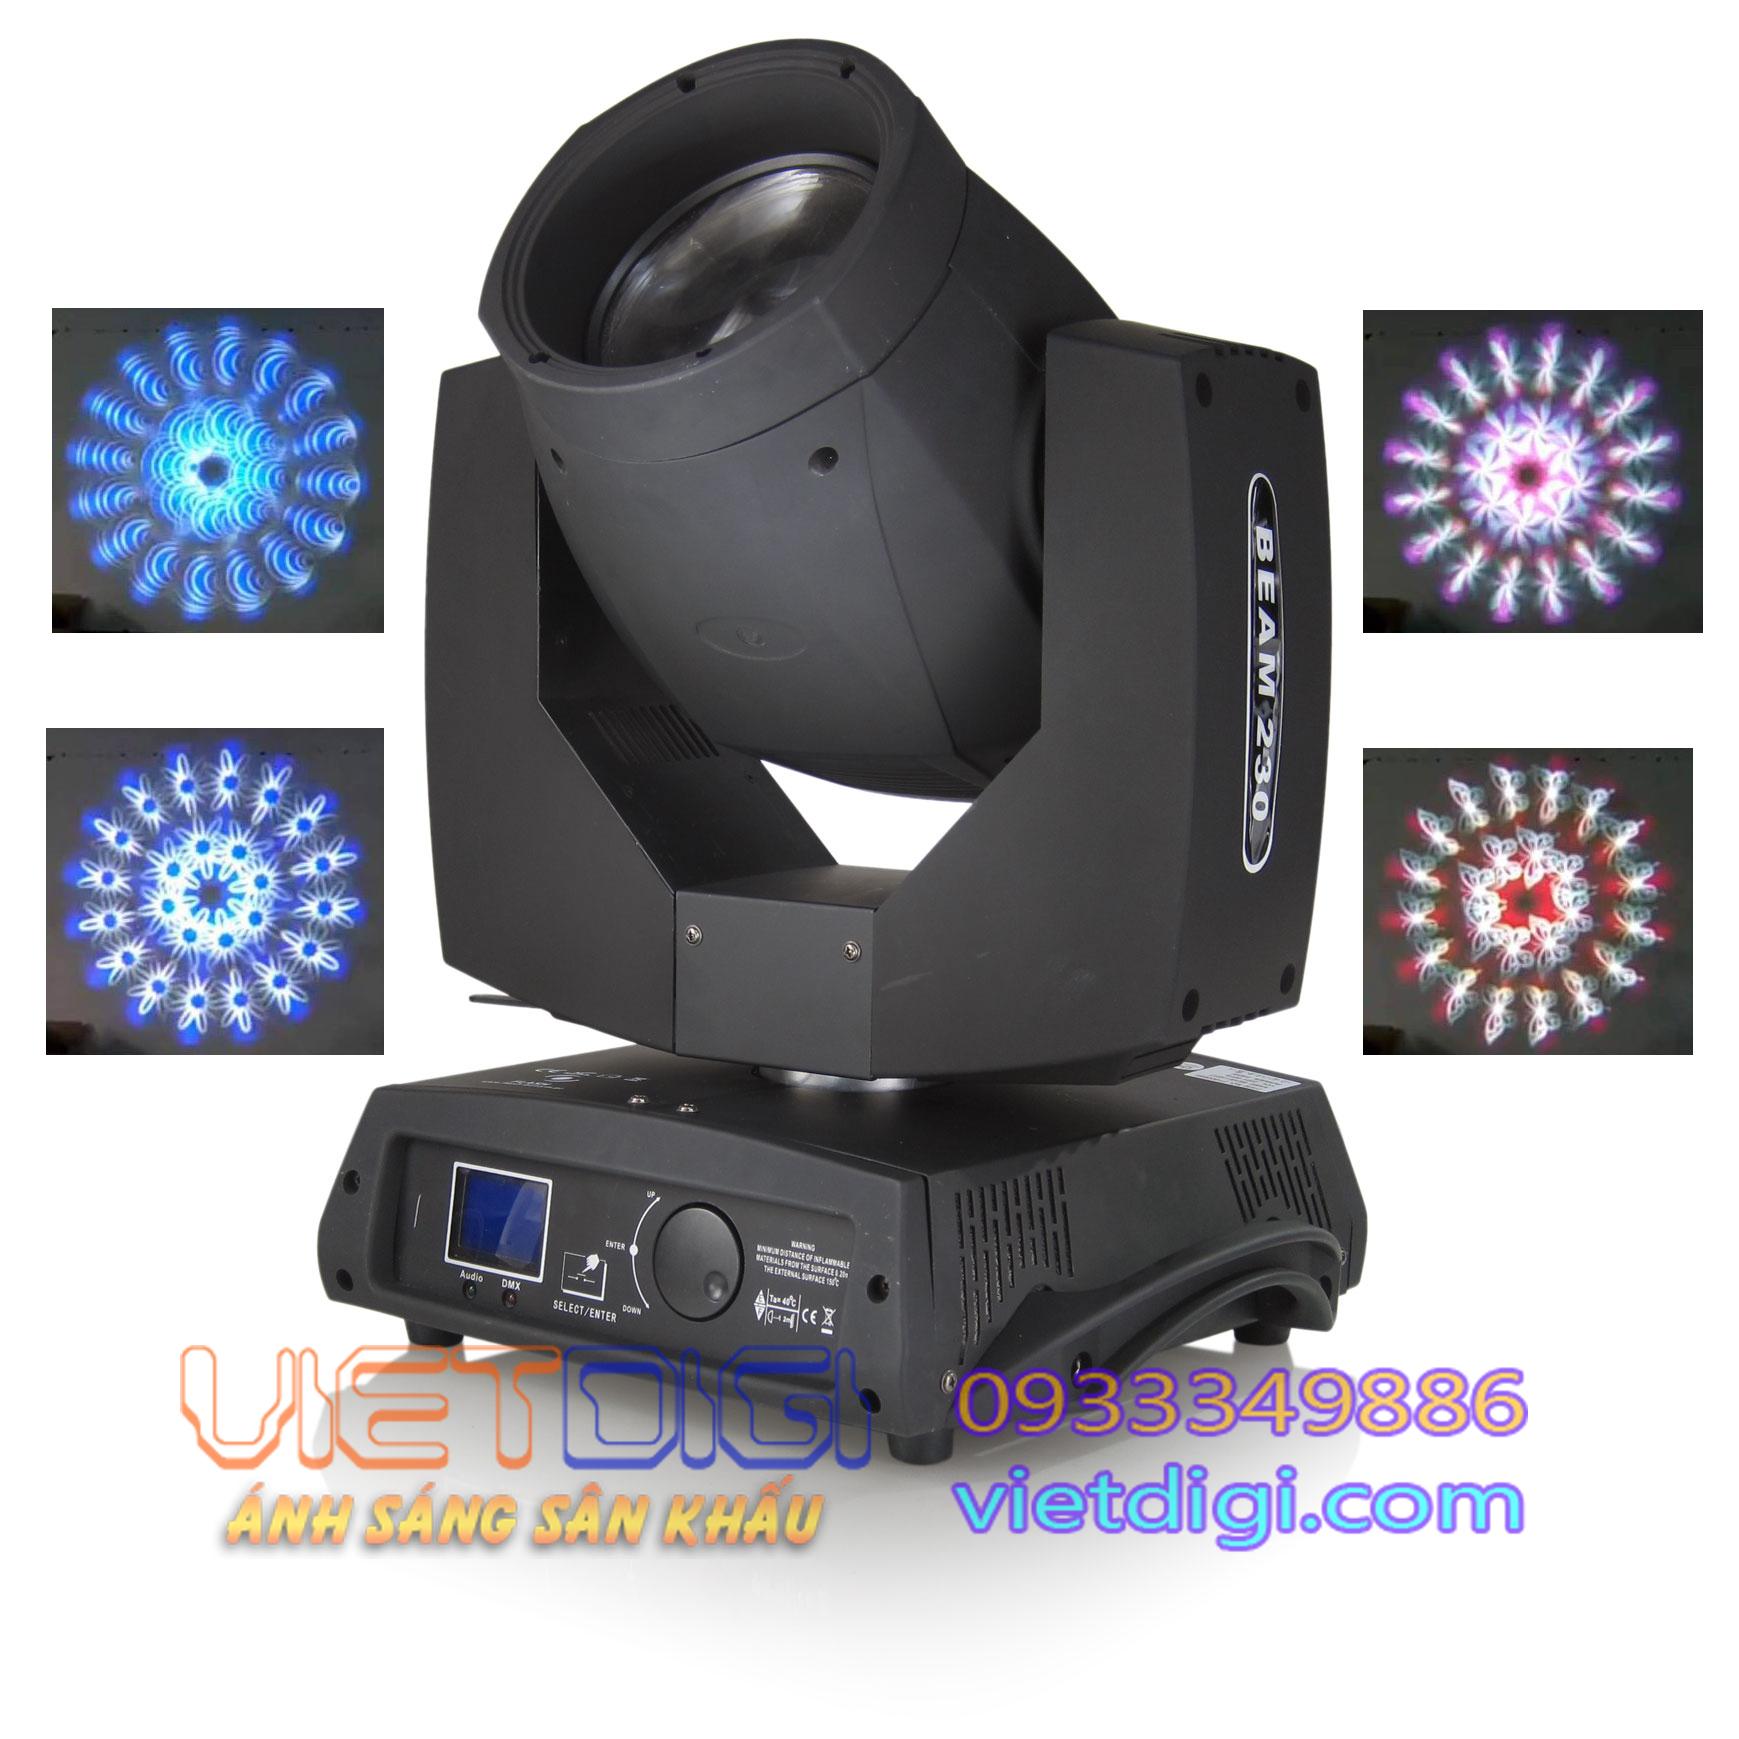 Đèn moving head beam 230 loại mới và hiệu ứng